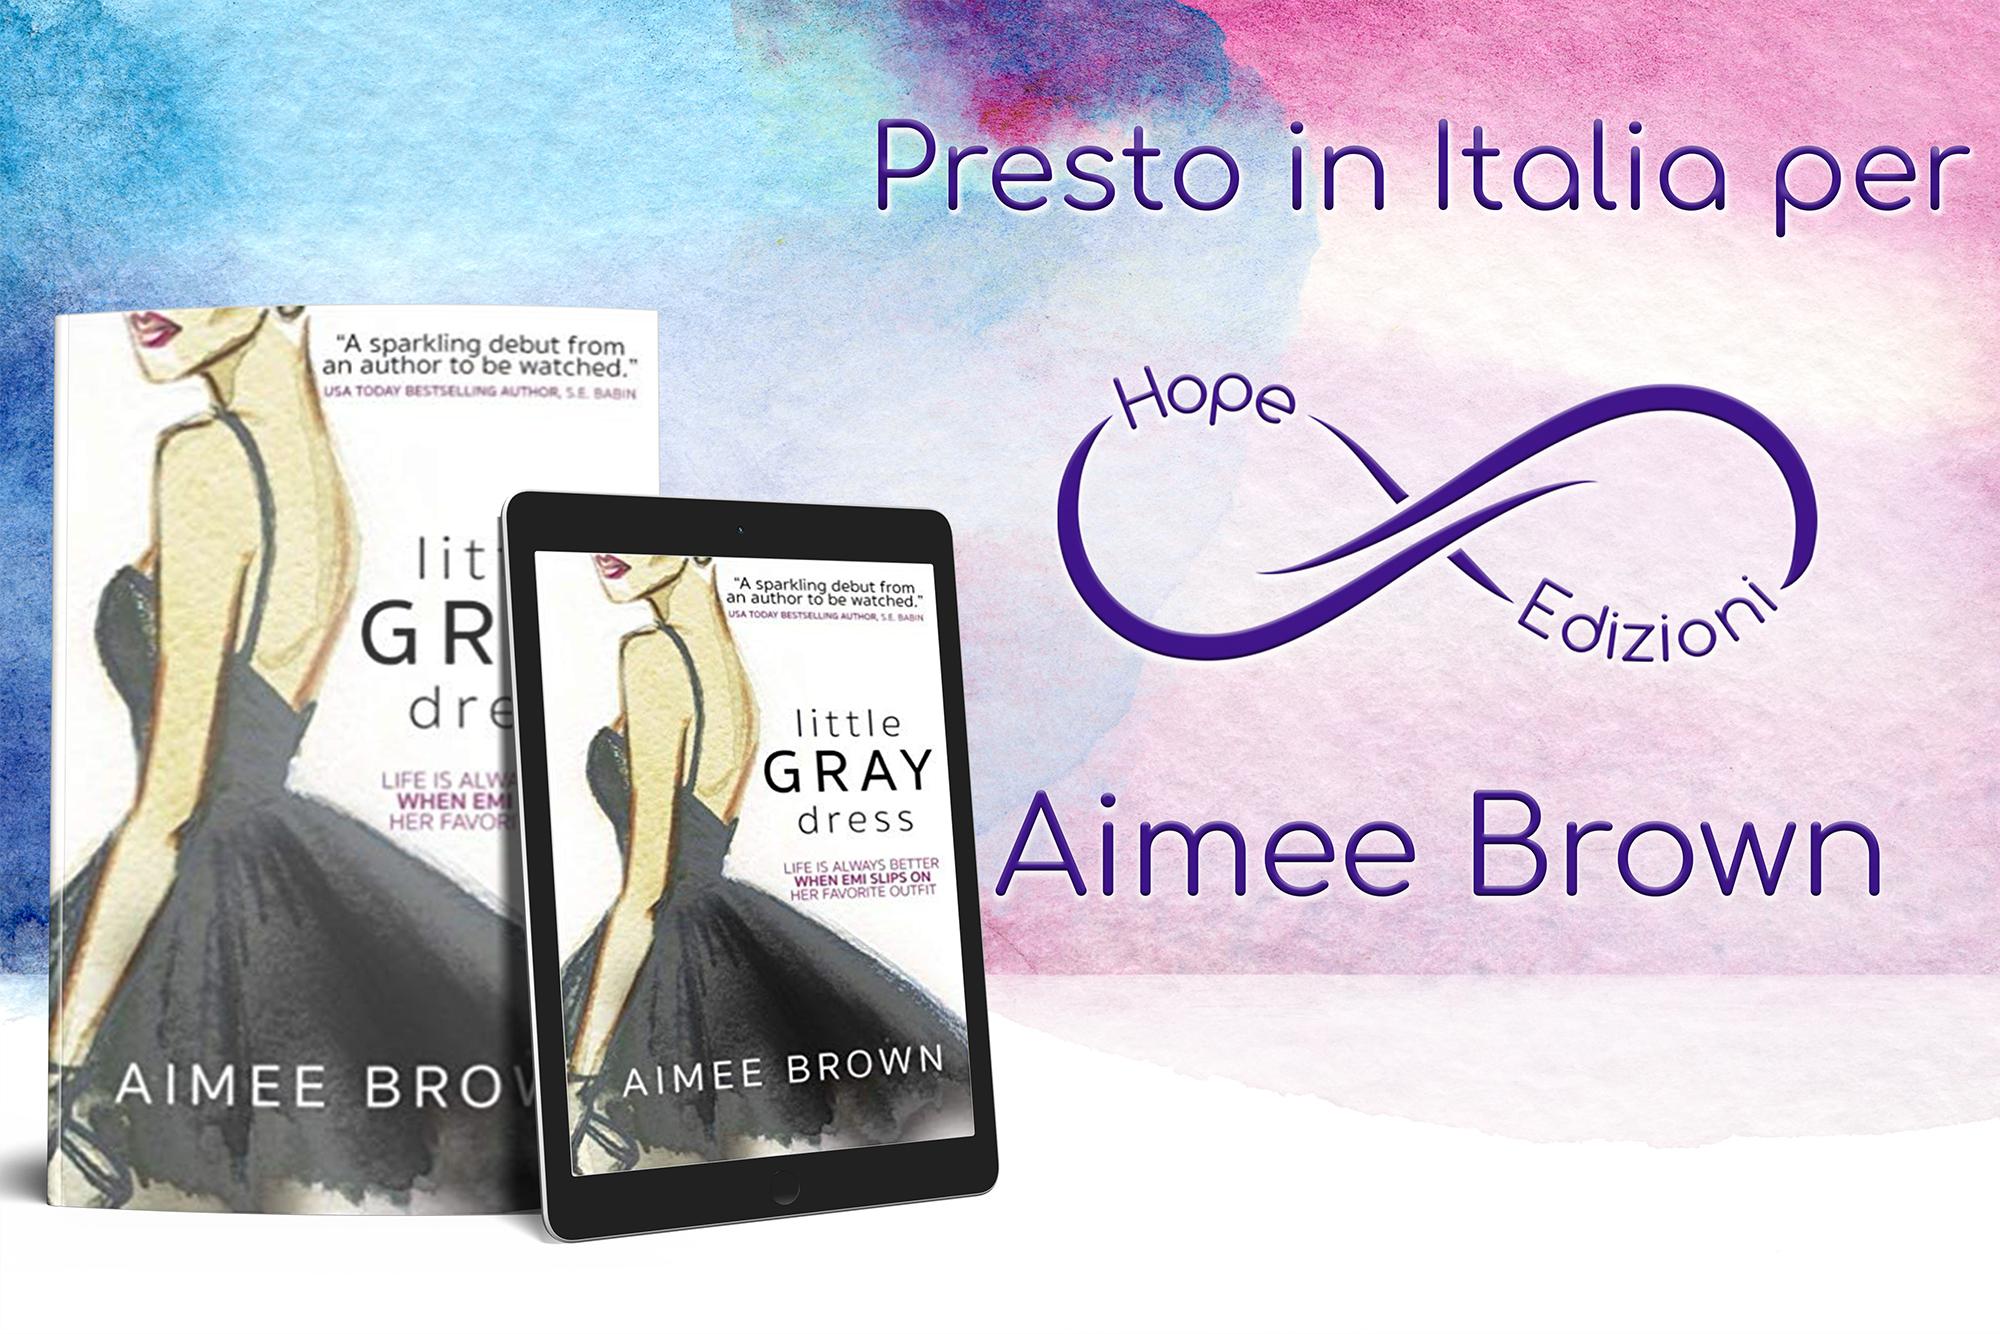 Presto in Italia… Aimee Brown!